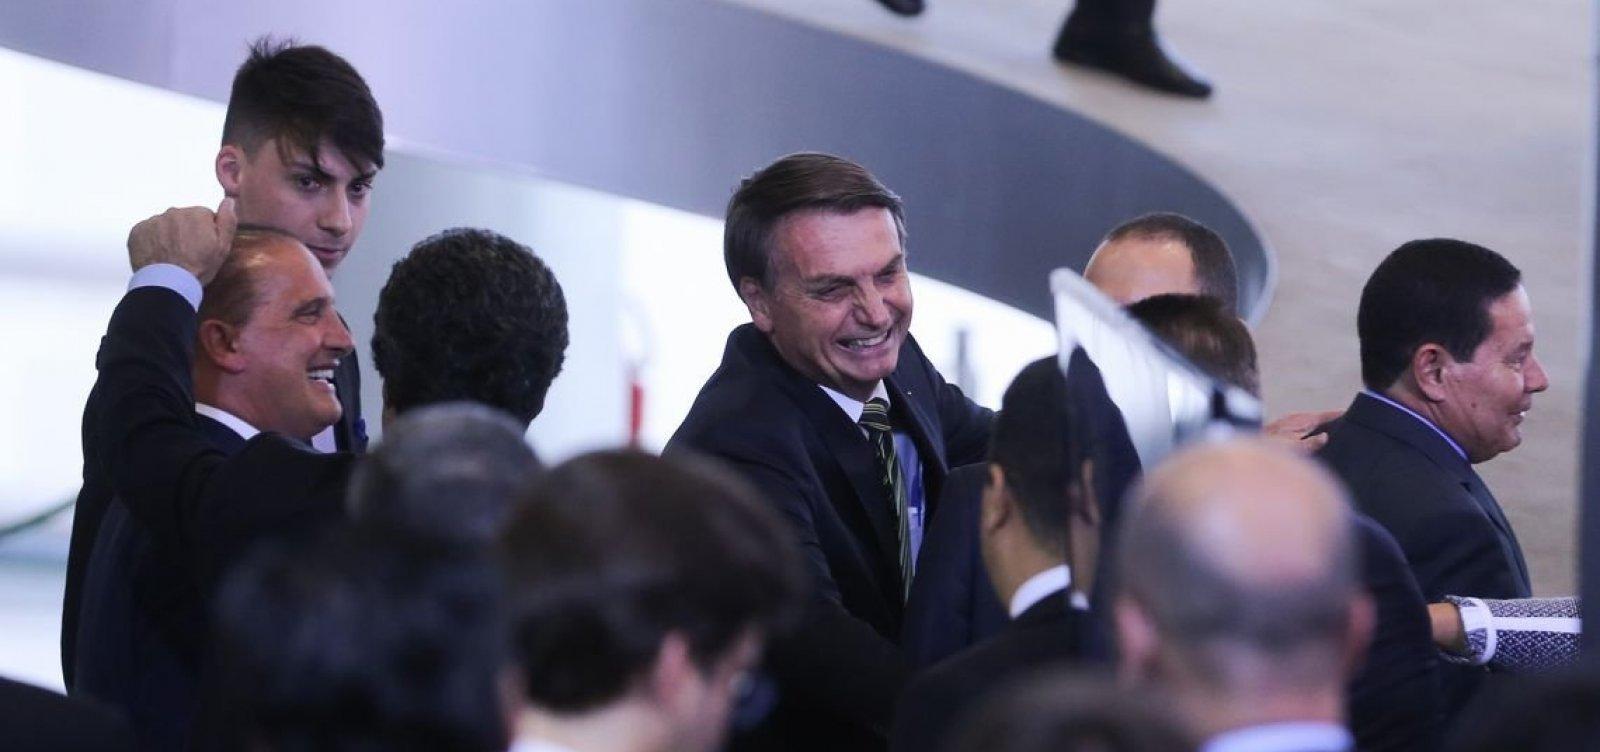 Povo decidirá sobre municípios com menos de 5 mil pessoas, diz Bolsonaro